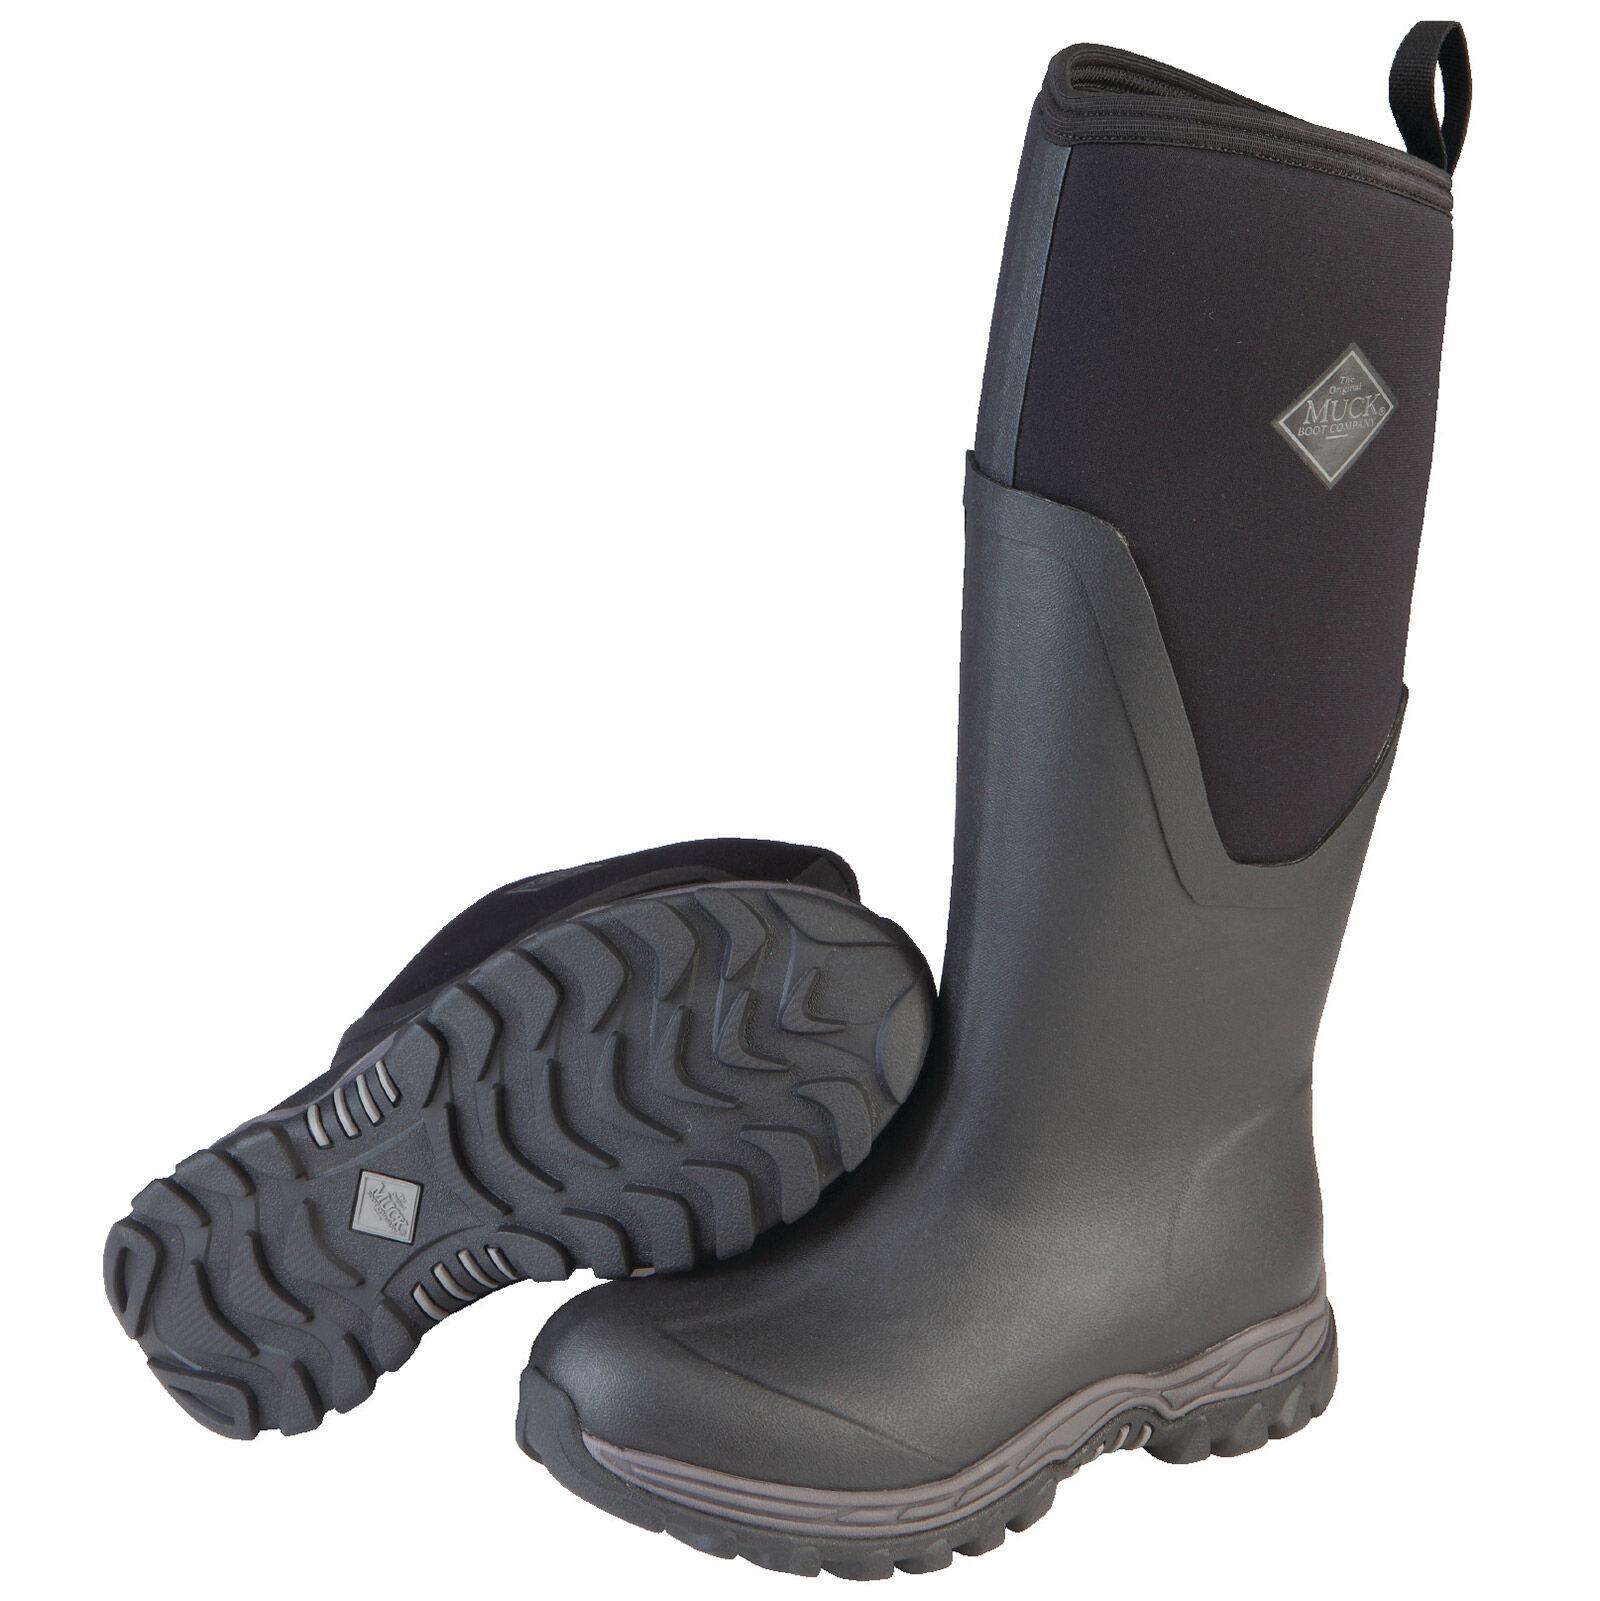 Stövel Muck Boot Arctic Sport, Svart – Muck